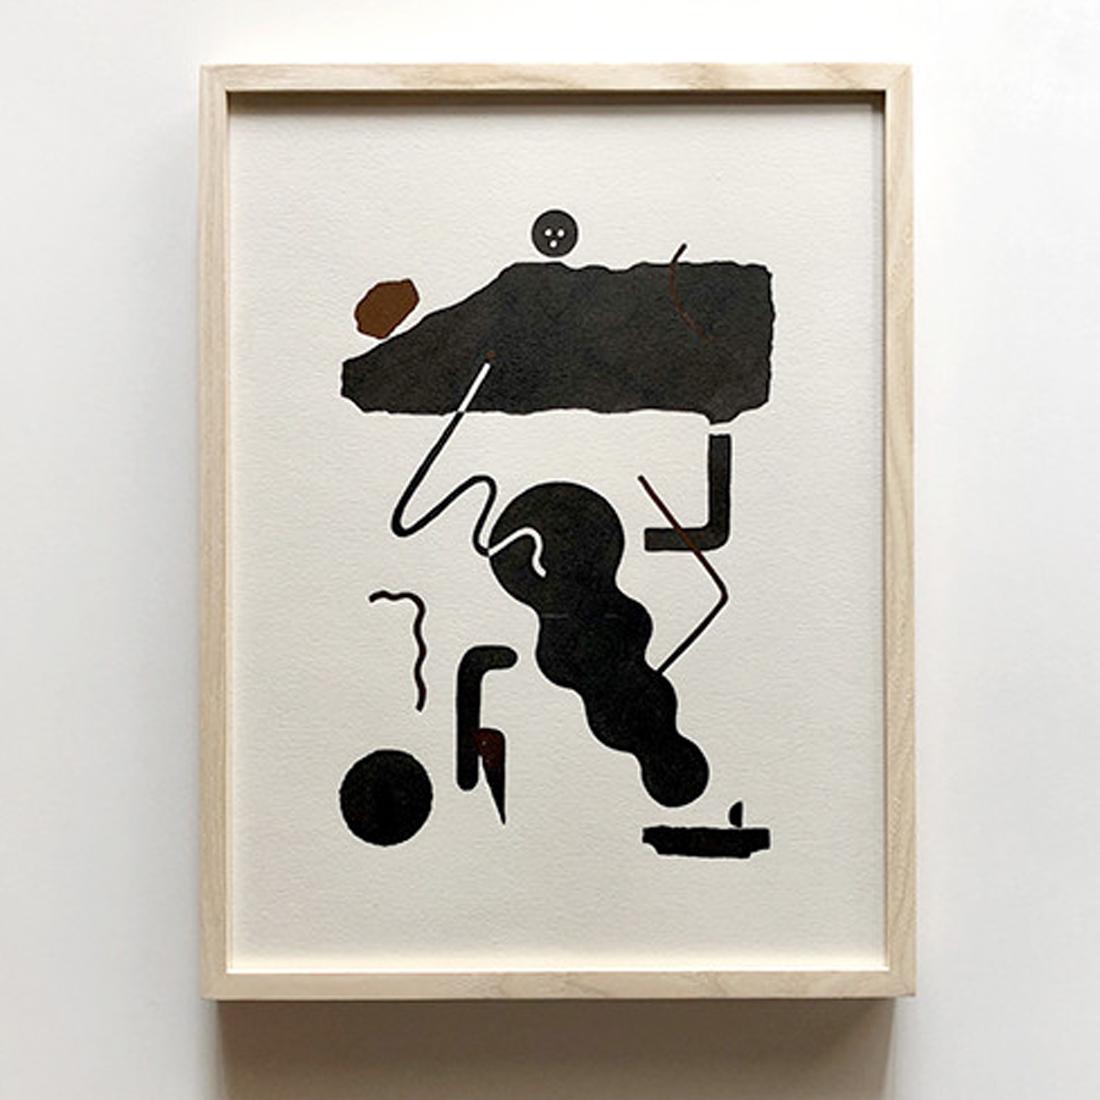 作品「土の塊/ Lump of soil ①」